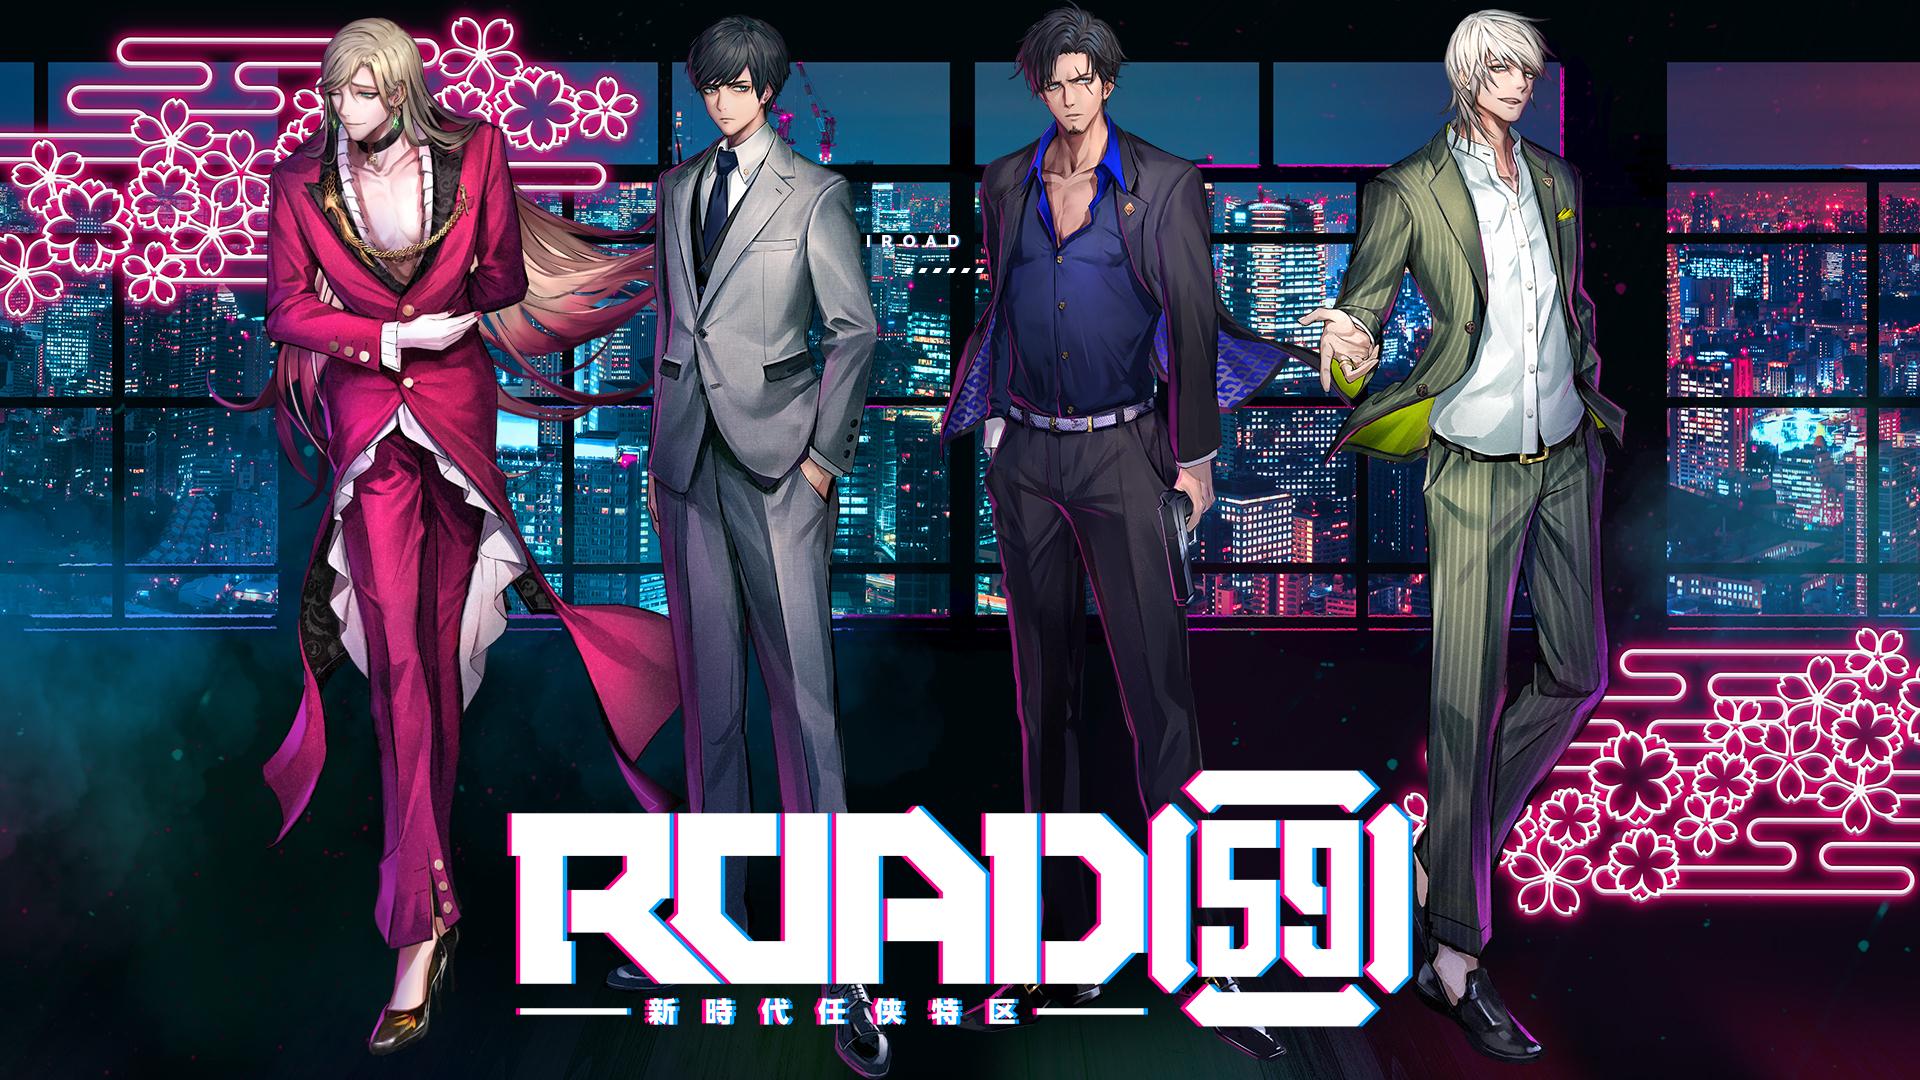 ブシロード新メディアミックスプロジェクト「ROAD59 -新時代任侠特区-」 (C)bushiroad All Rights Reserved.